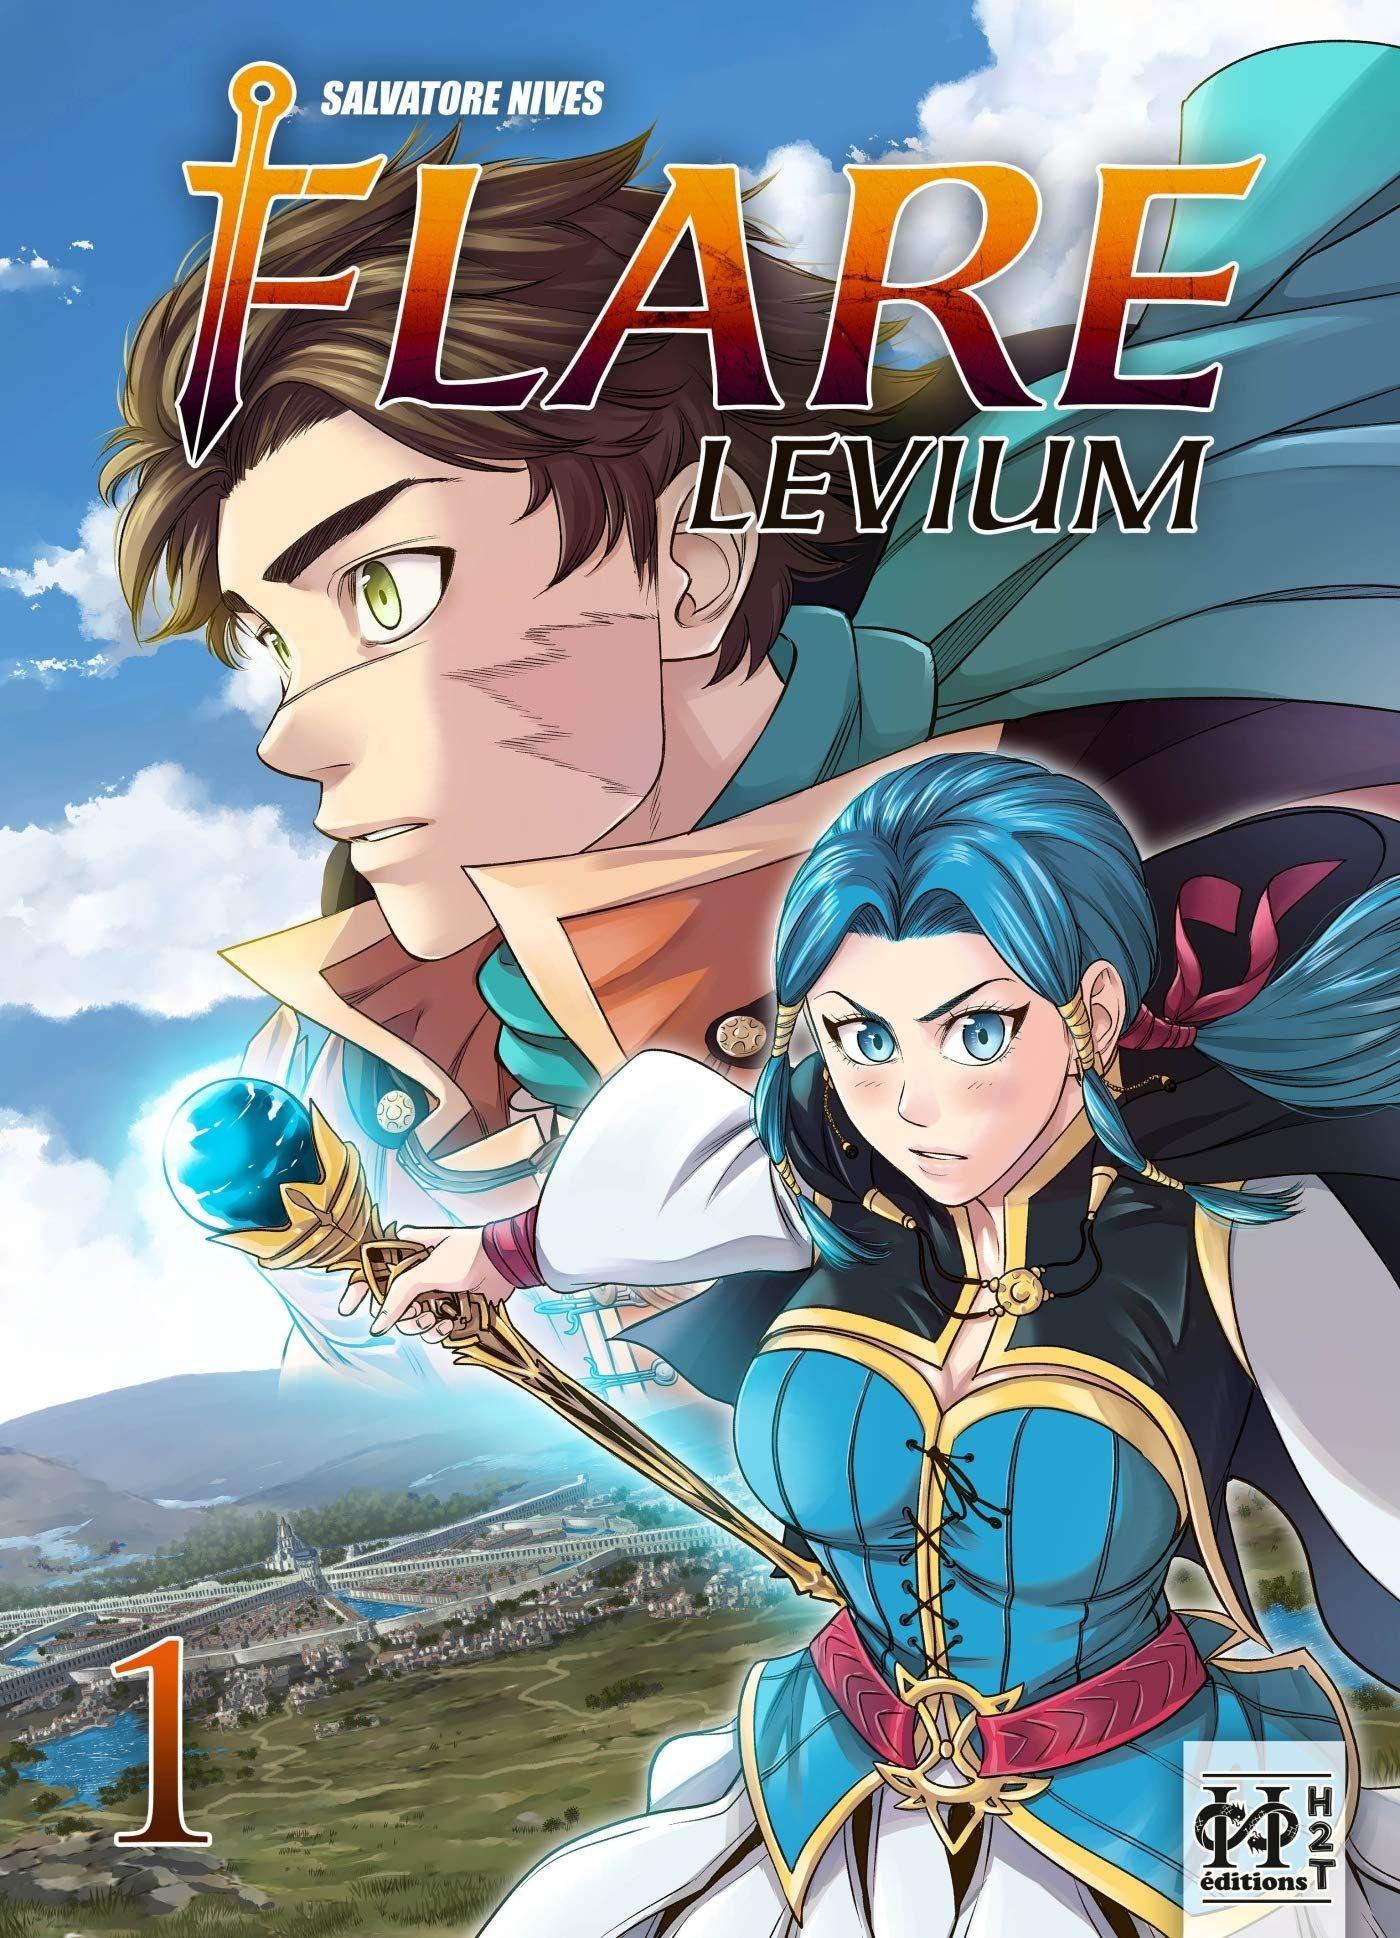 Sortie Manga au Québec MAI 2021 Flare-levium-1-h2t